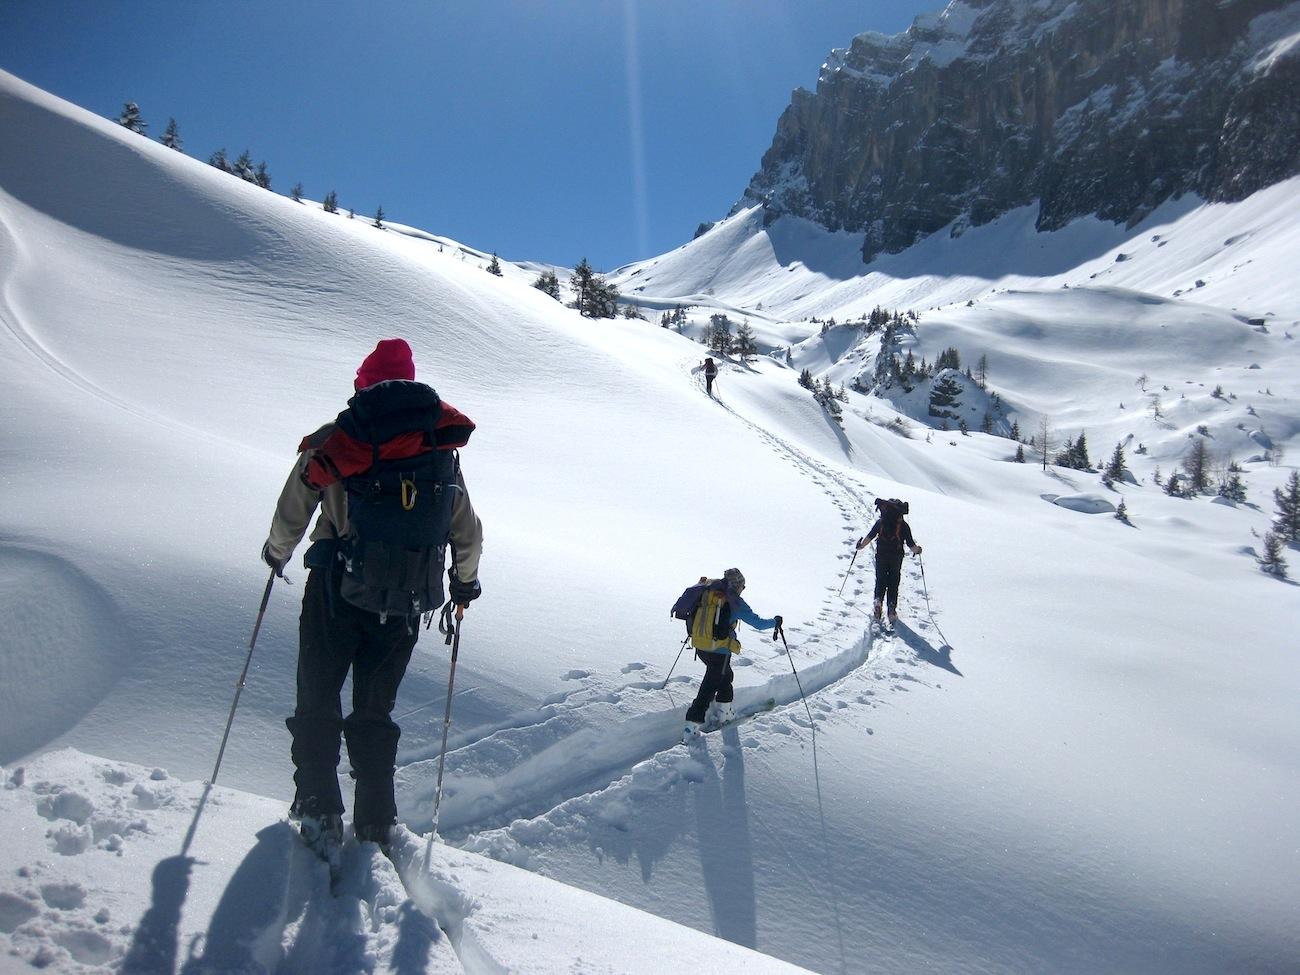 En montant au col d'Anterne, sur l'itineraire Sixt-Chamonix en Haute Savoie.